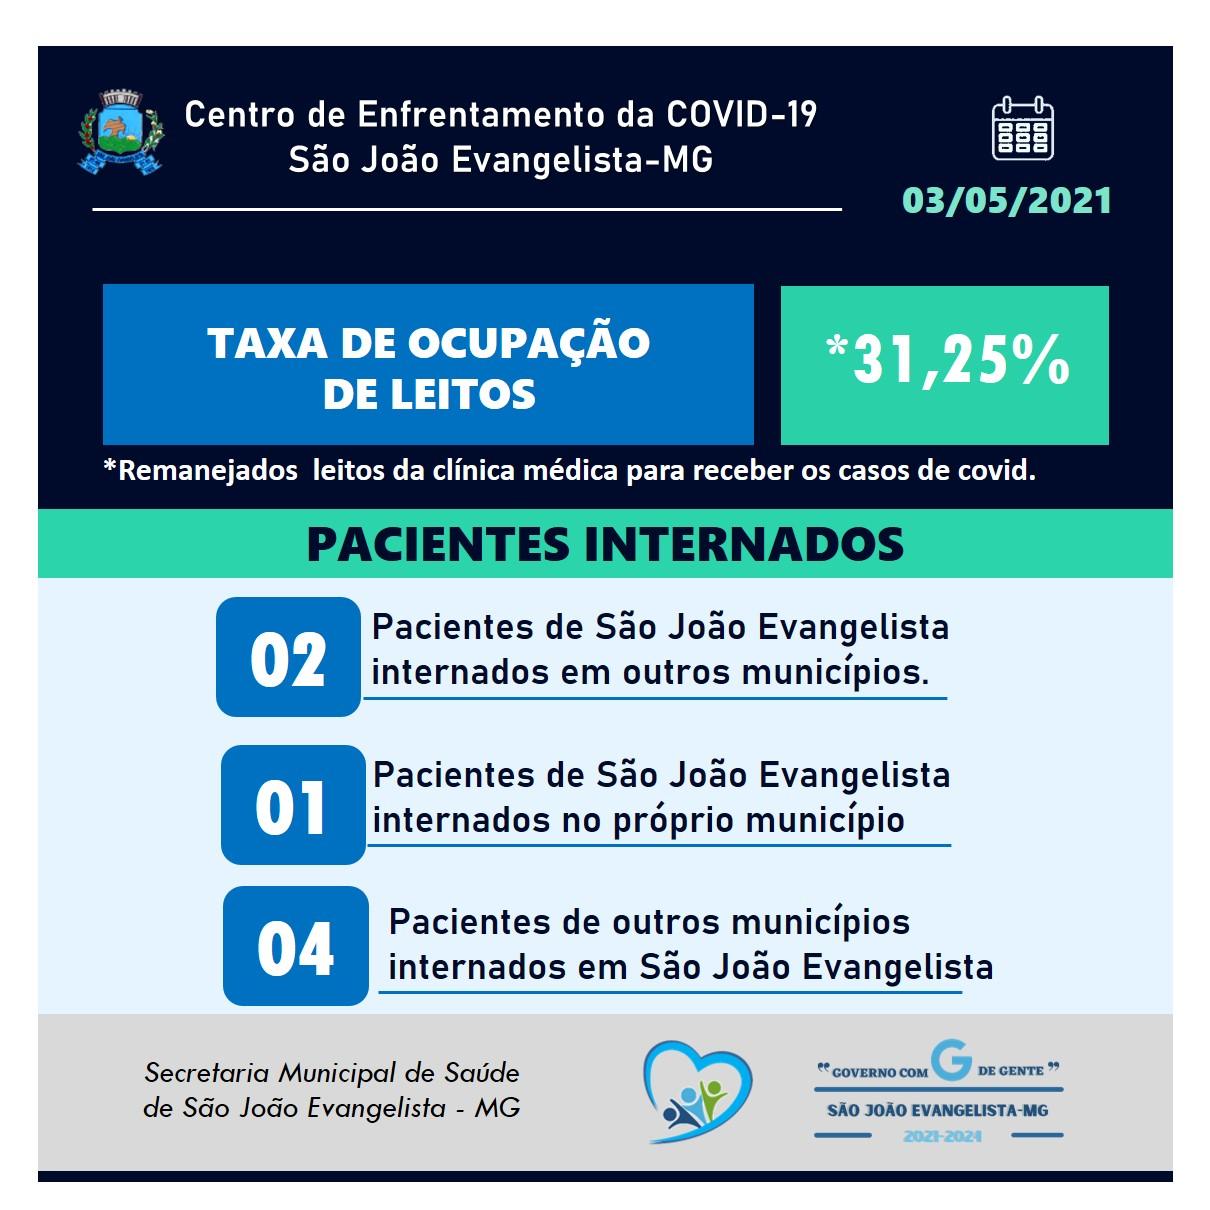 TAXA DE OCUPAÇÃO DE LEITOS - 03/05/2021